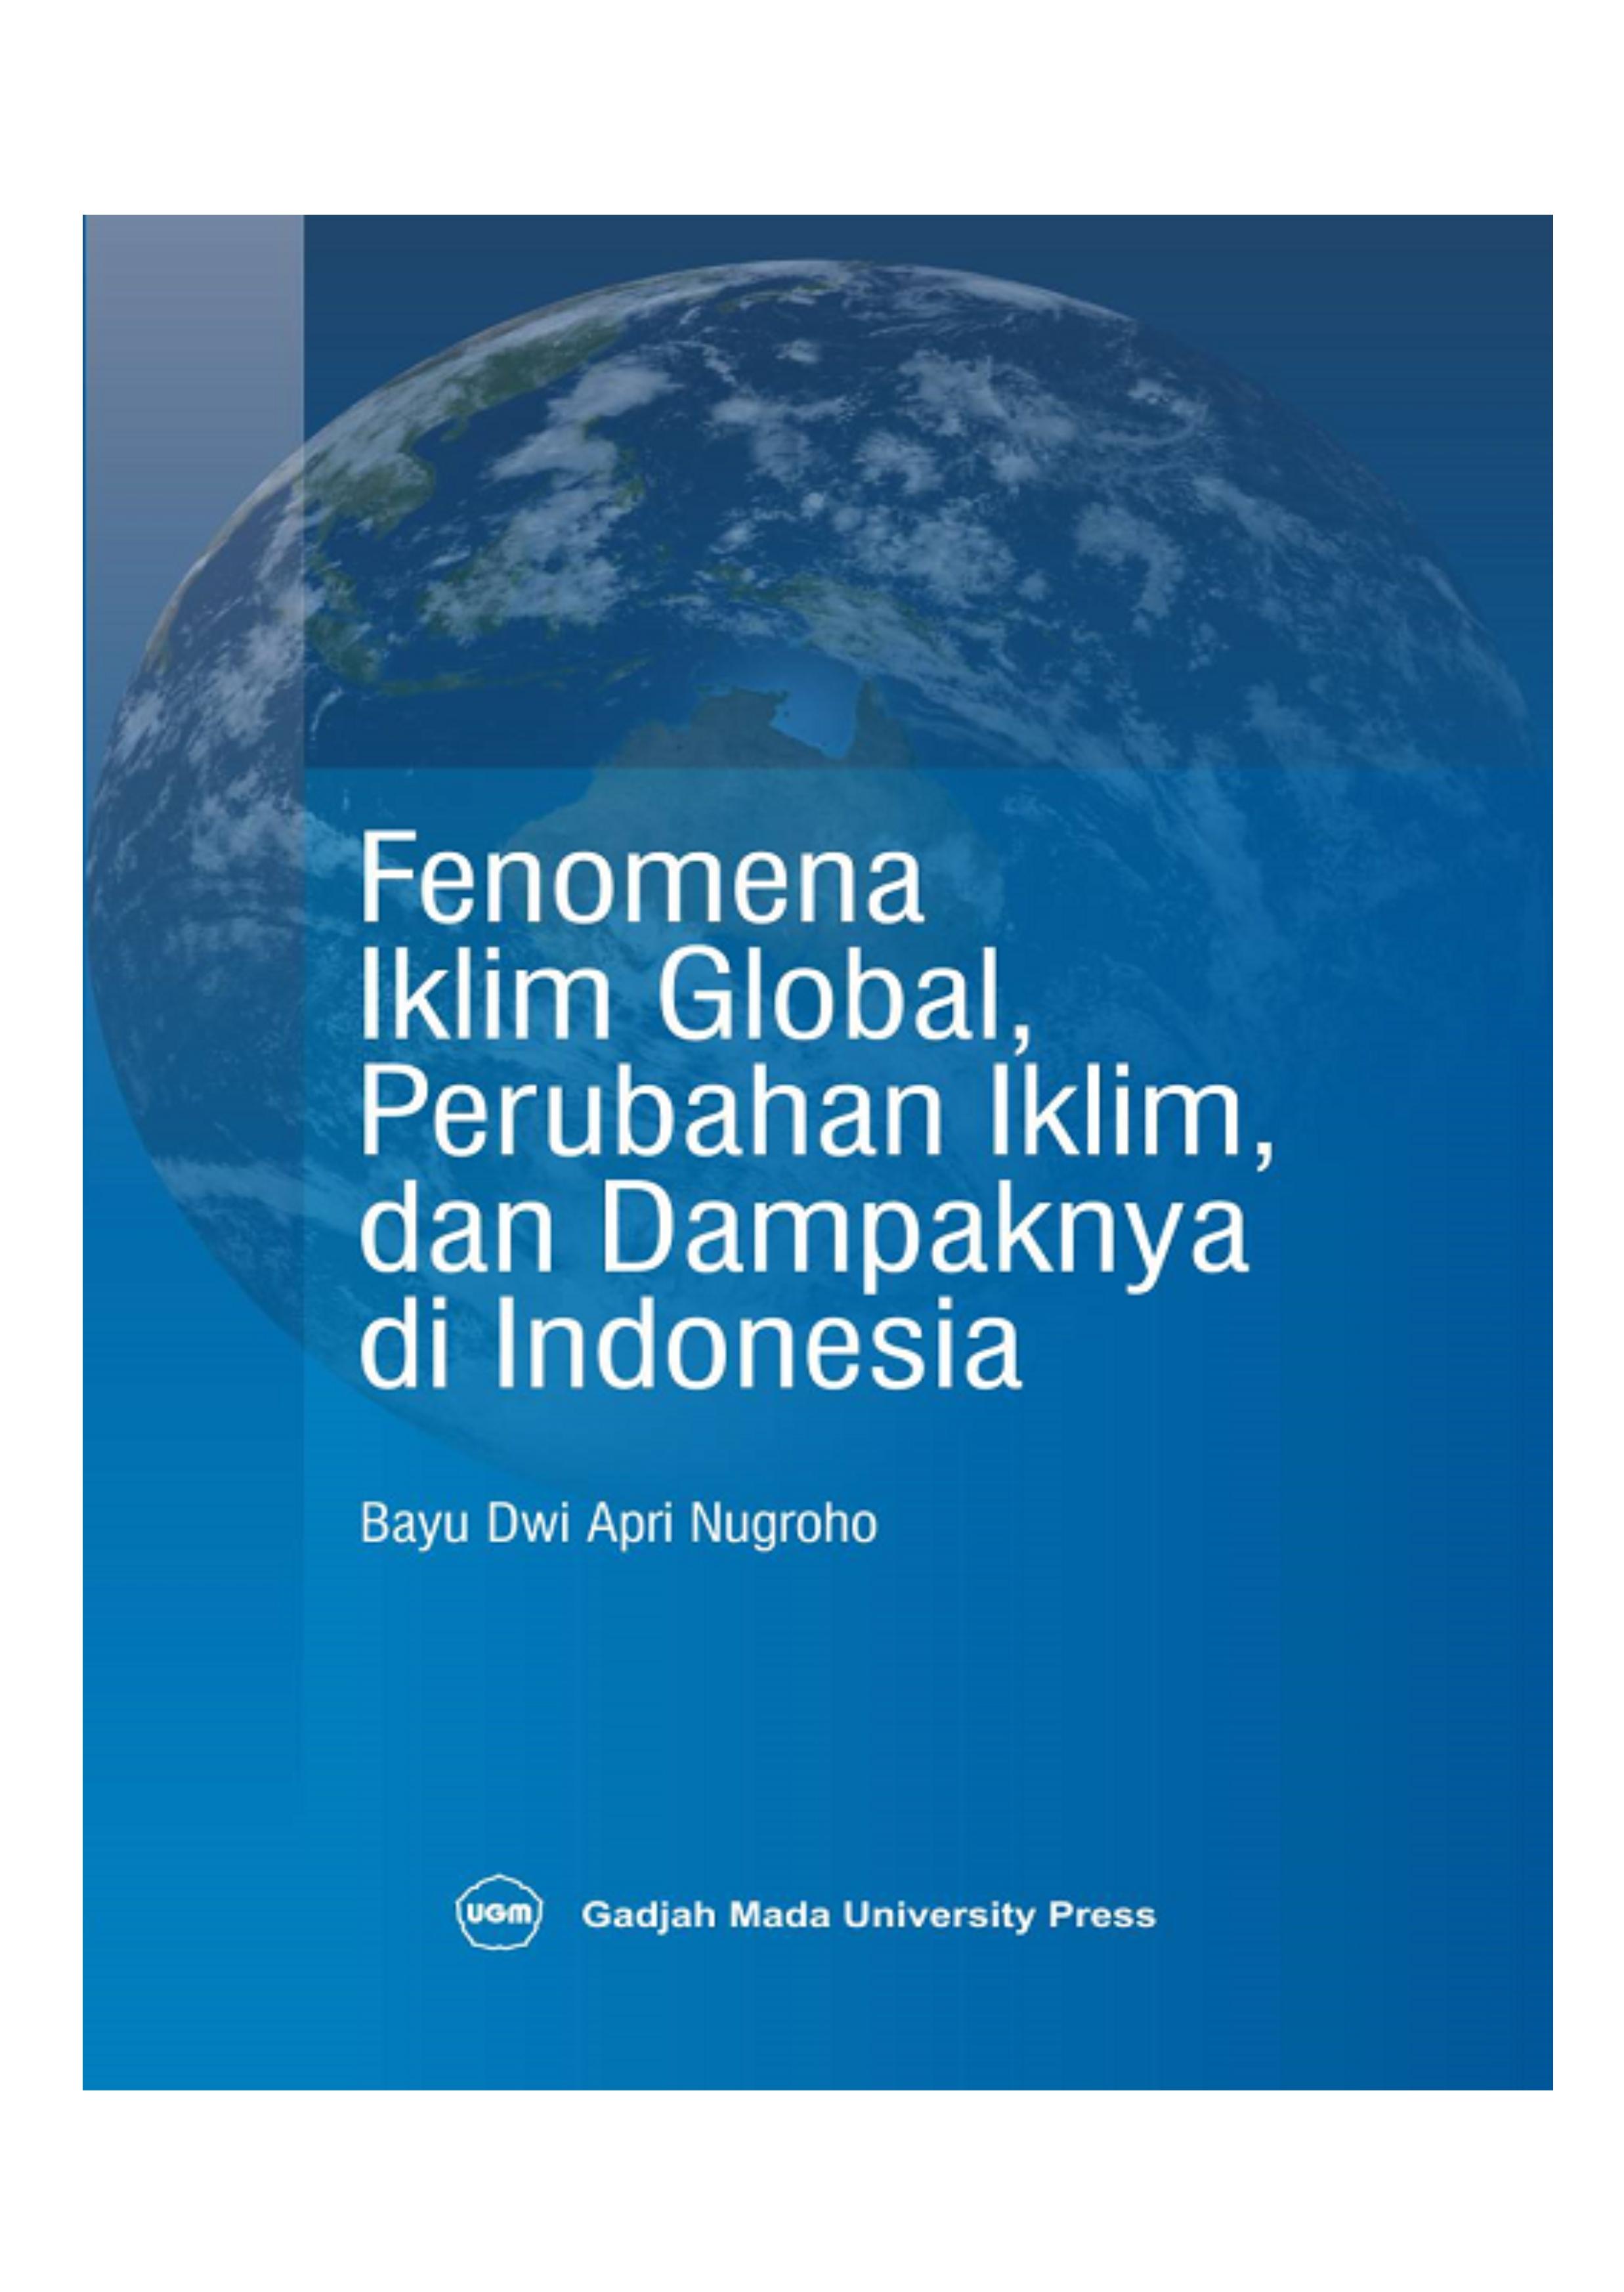 FENOMENA IKLIM GLOBAL, PERUBAHAN IKLIM, DAN DAMPAKNYA DI INDONESIA